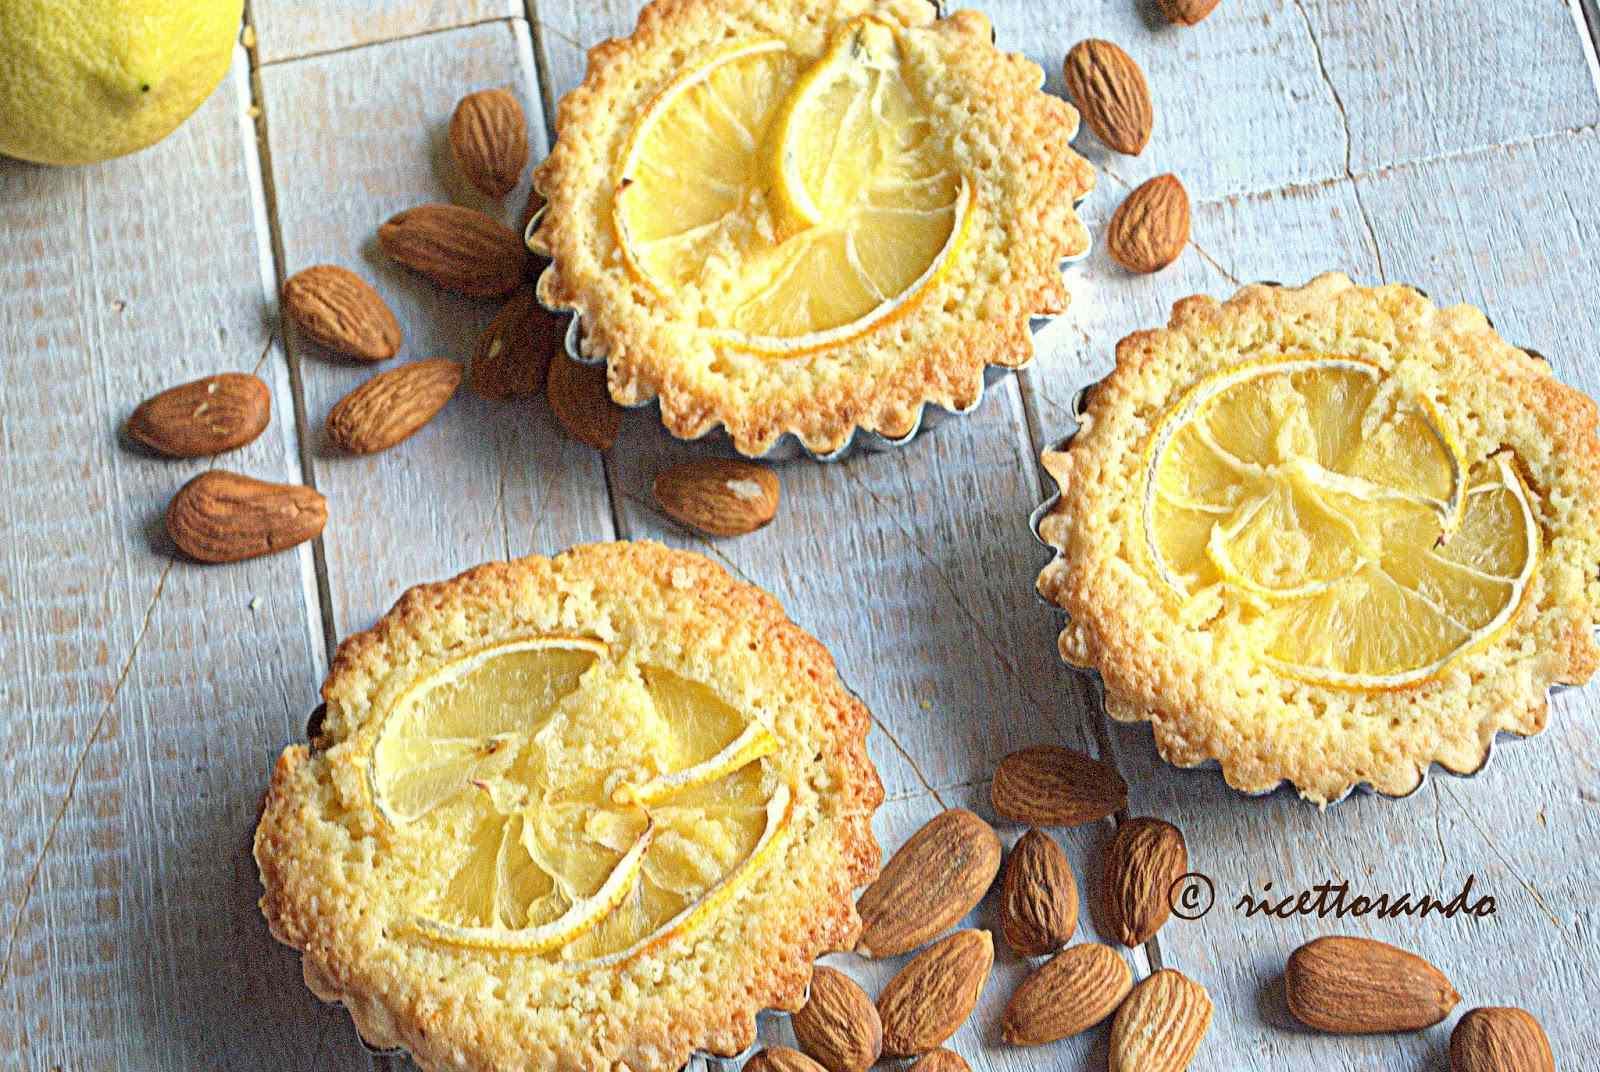 Ricetta: Crostatine al limone e frangipane